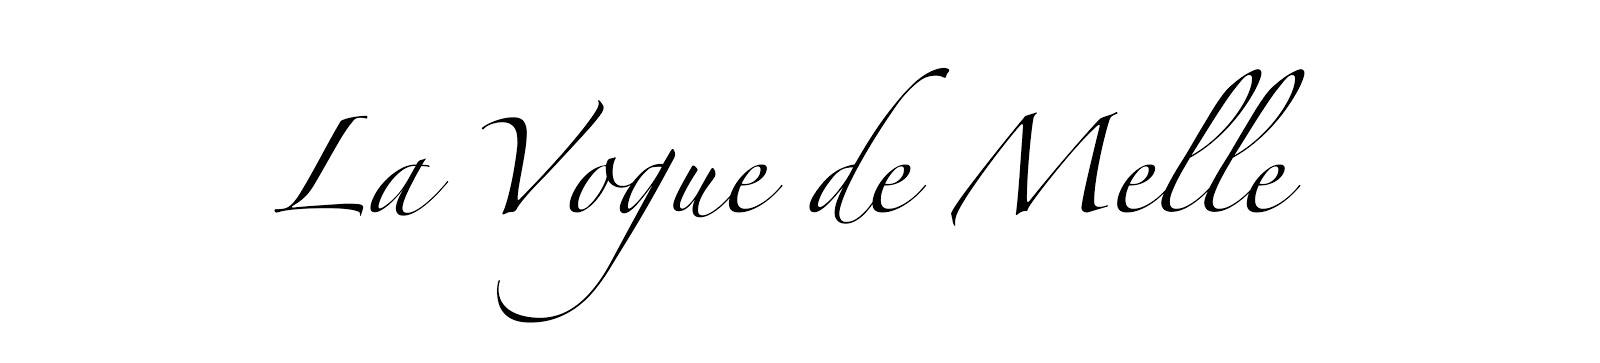 La VOGUE de MELLE  | Fashion Blogger from Germany